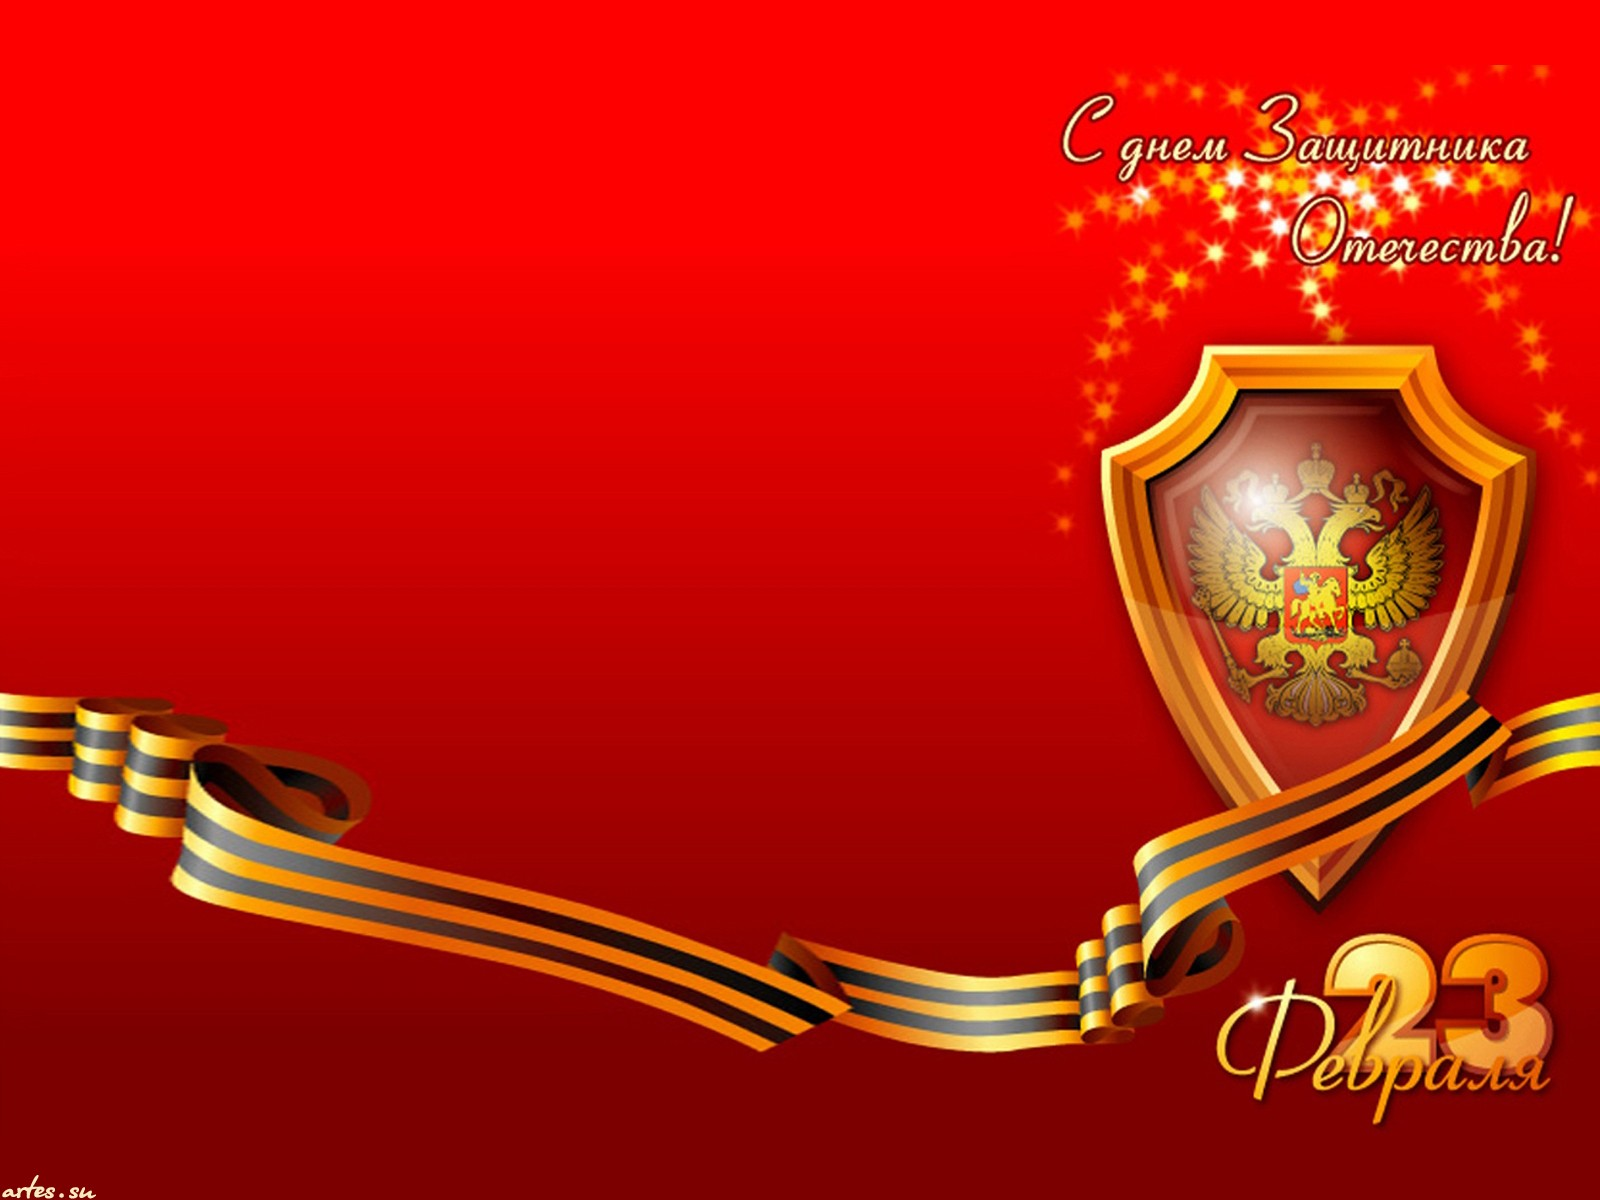 Поздравления с 23 февраля с Днем защитника Отечества